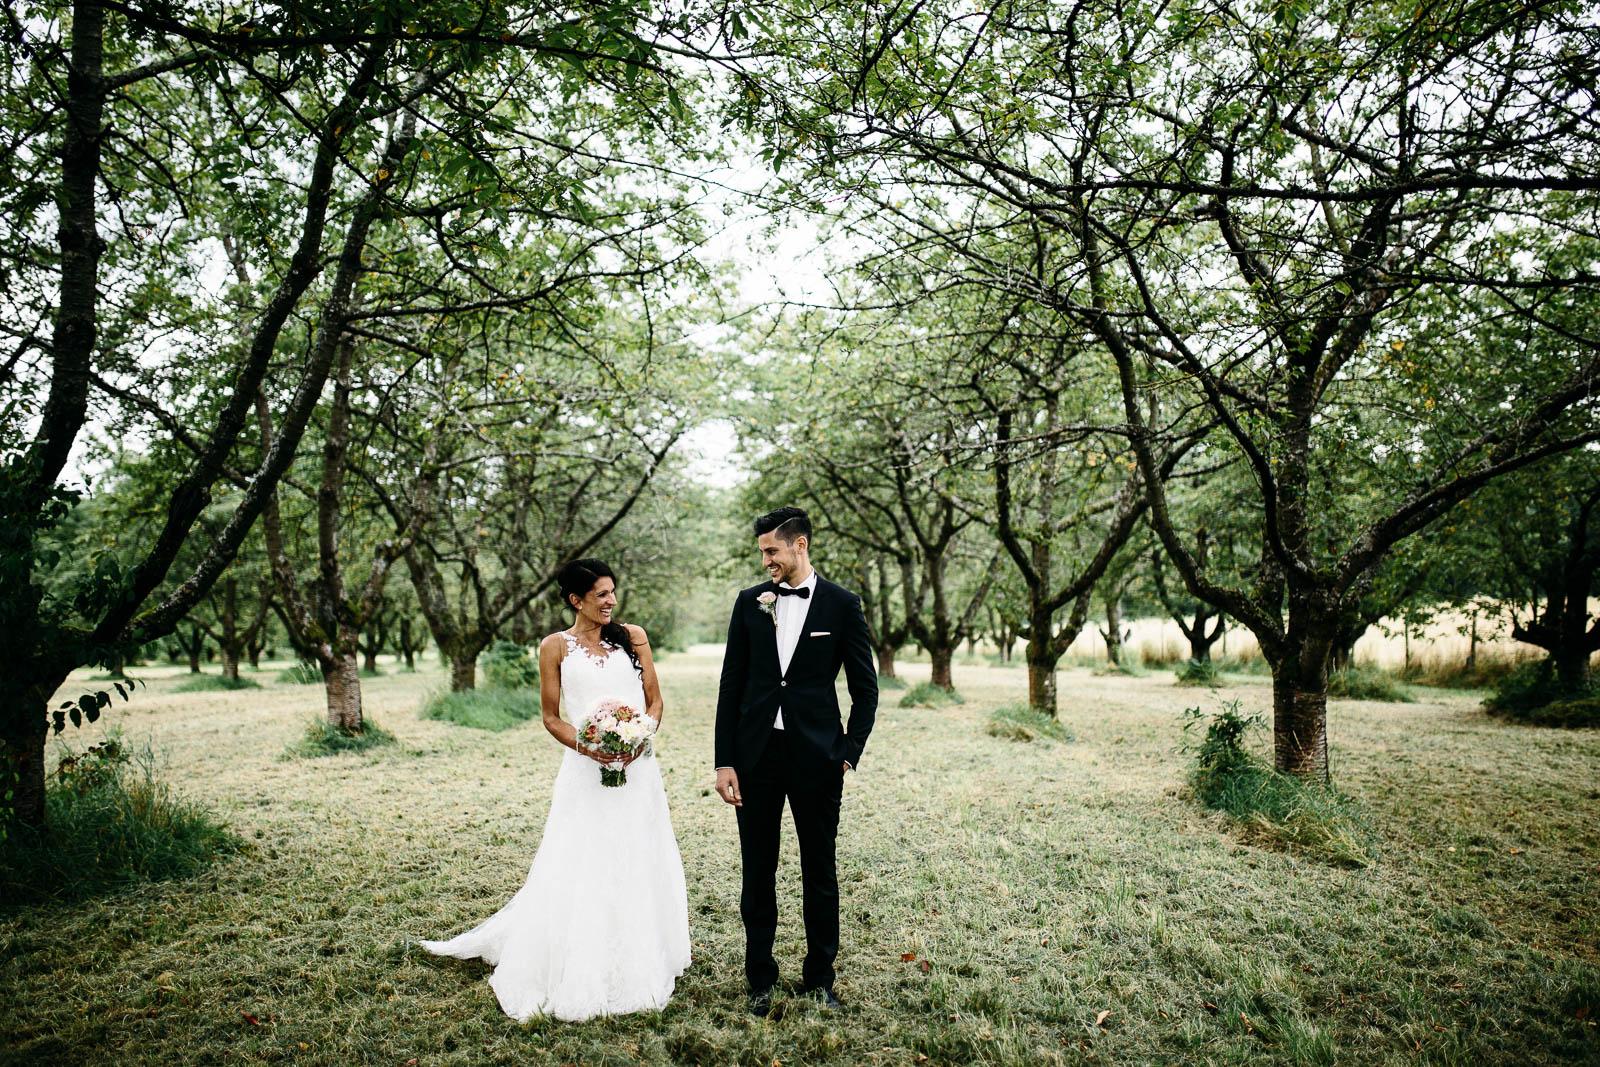 ffoxografie_wedding-shooting_sommerhochzeit_img_4534